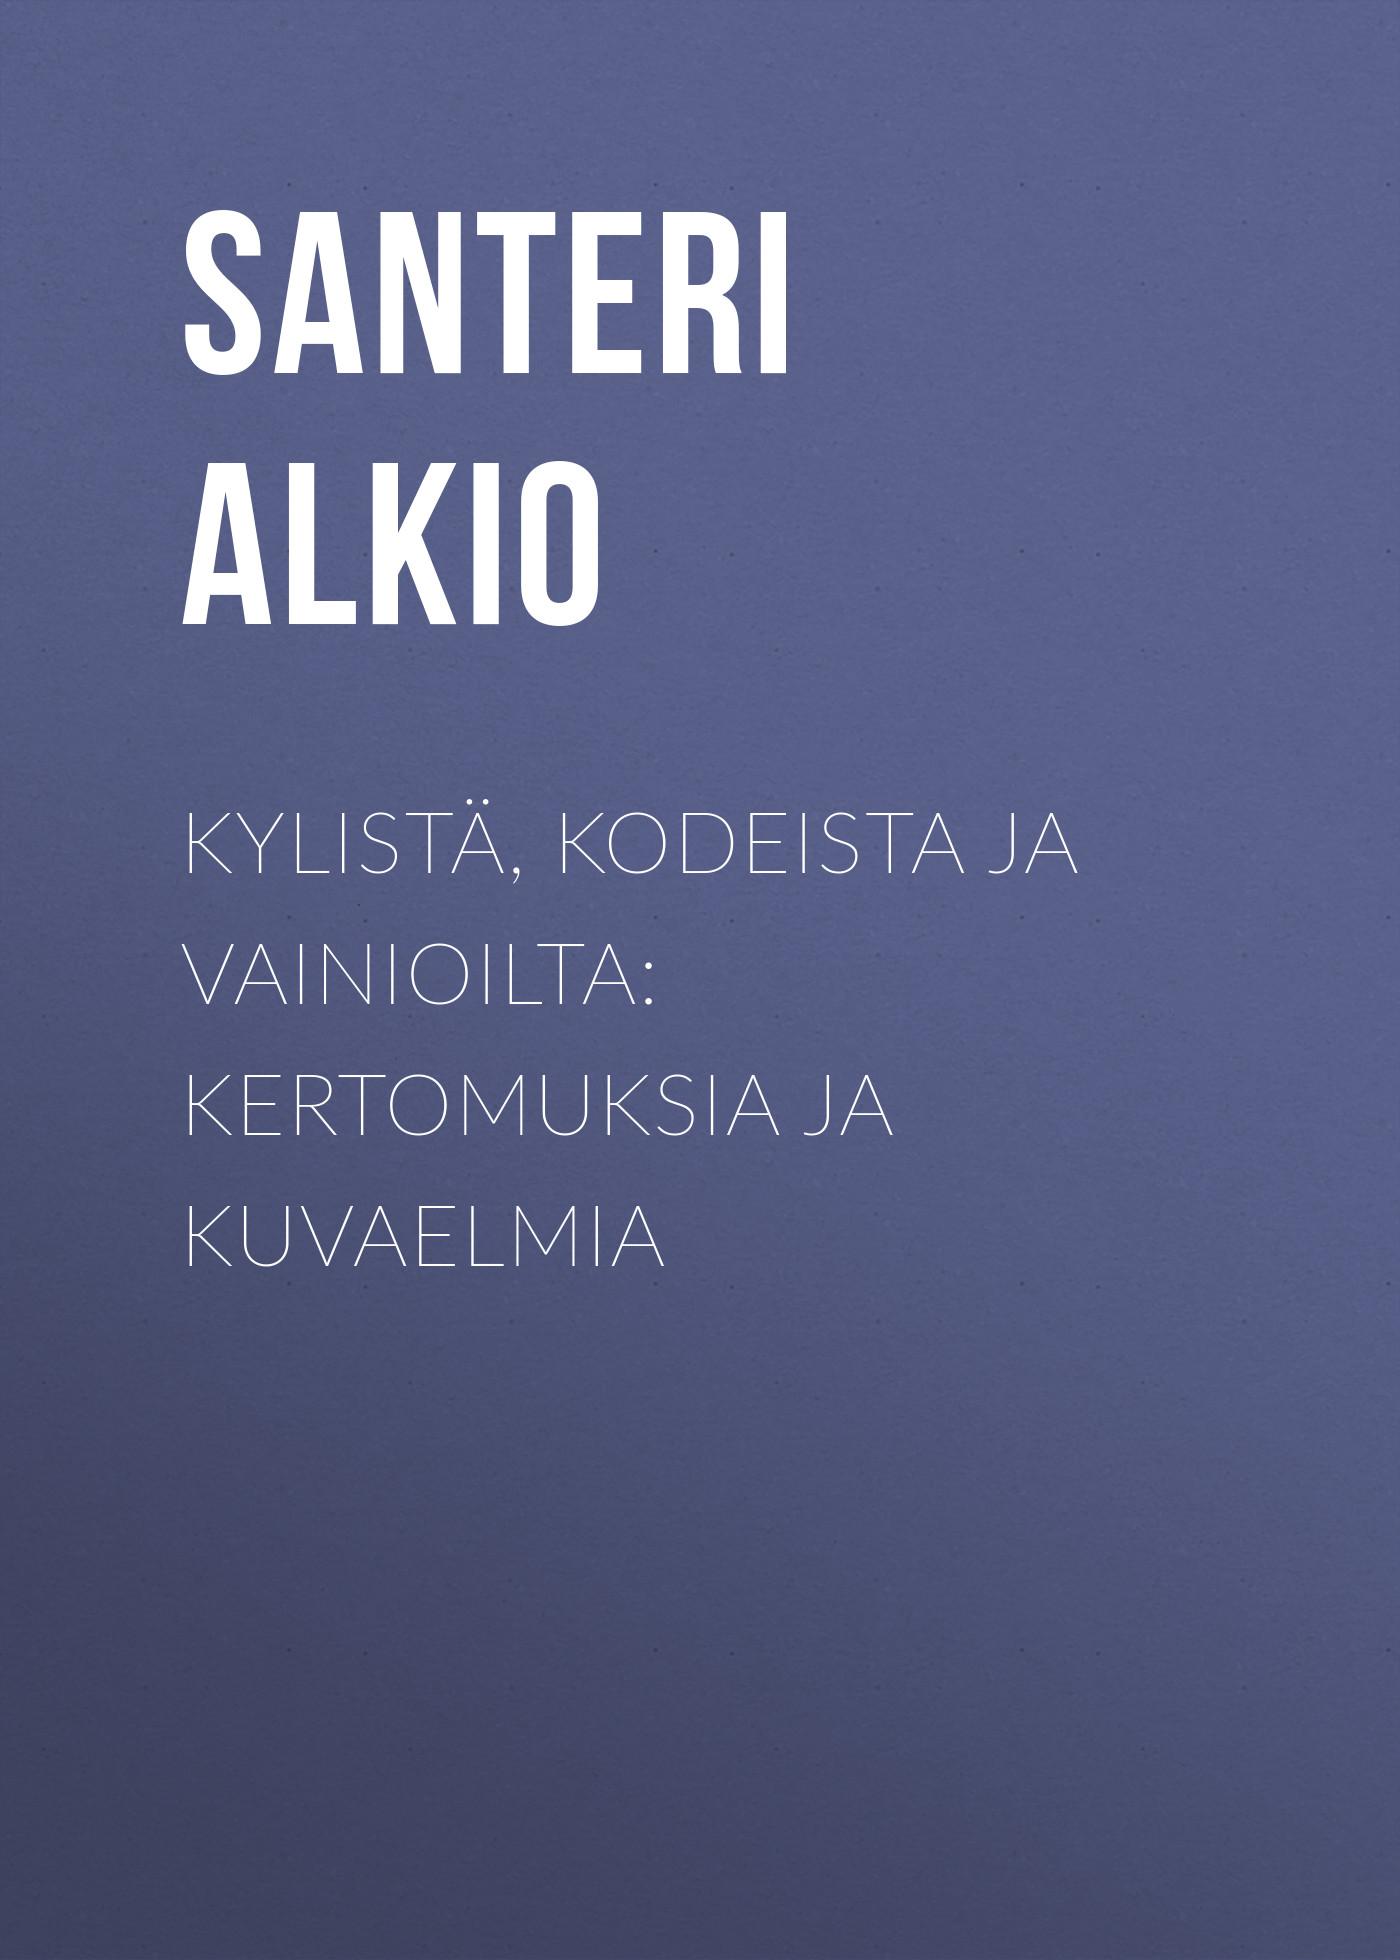 Alkio Santeri Kylistä, kodeista ja vainioilta: Kertomuksia ja kuvaelmia